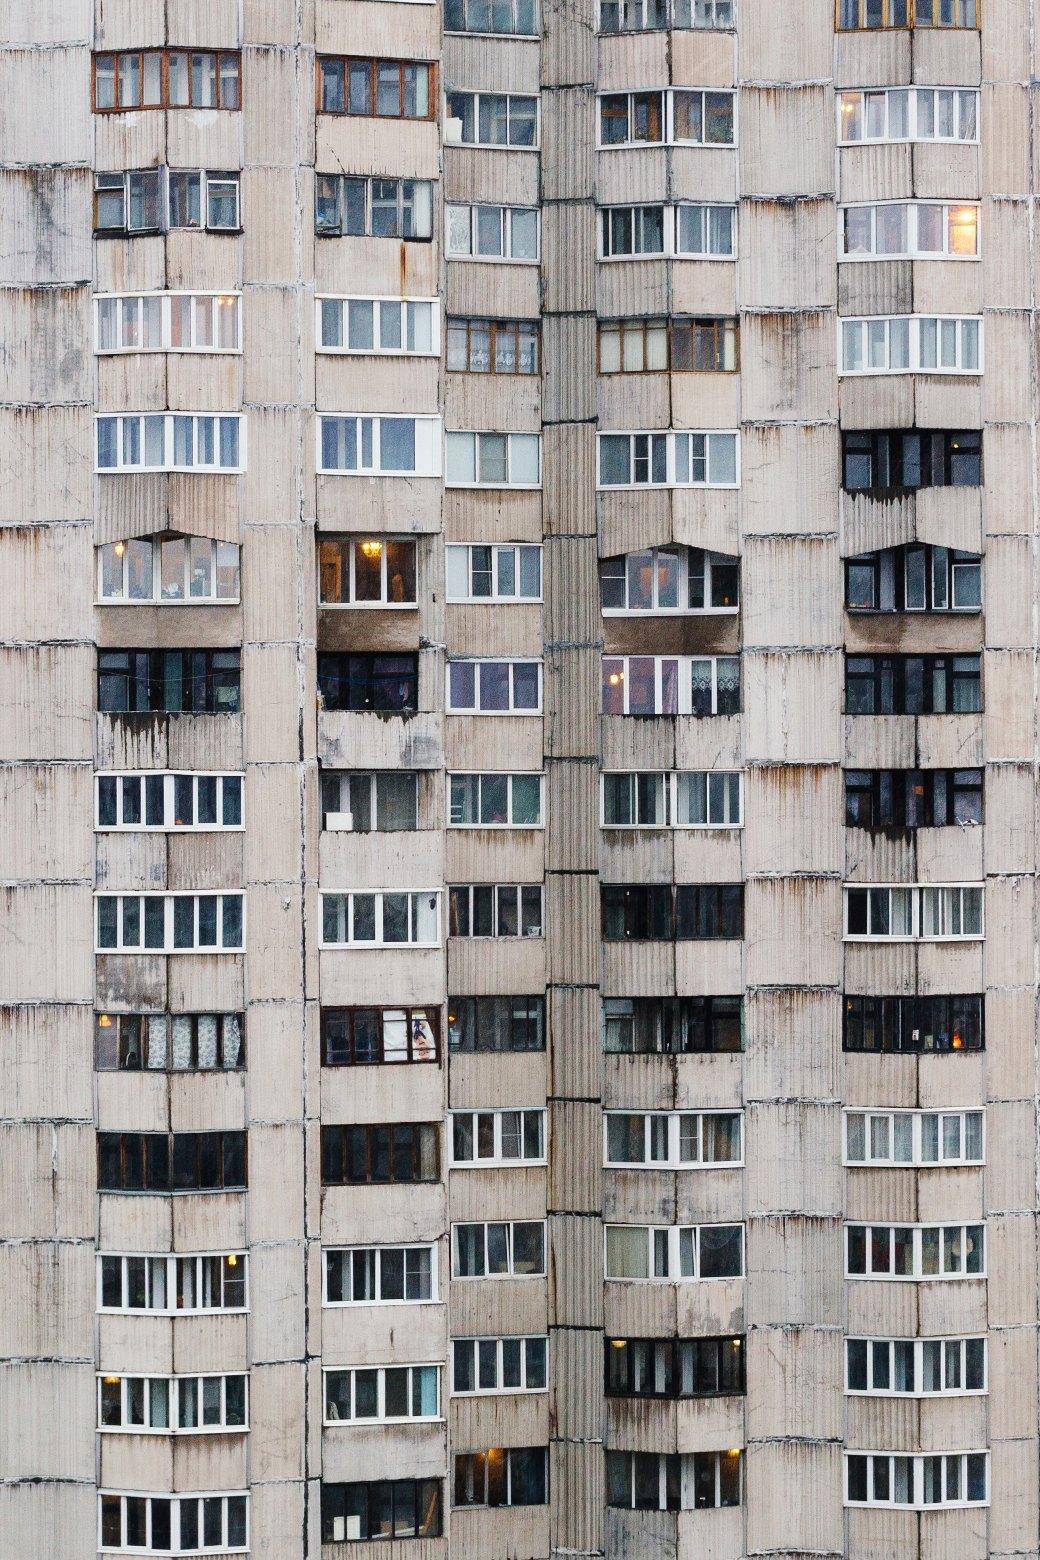 Я живу в доме «на курьих ножках» на«Приморской» (Петербург). Изображение № 6.